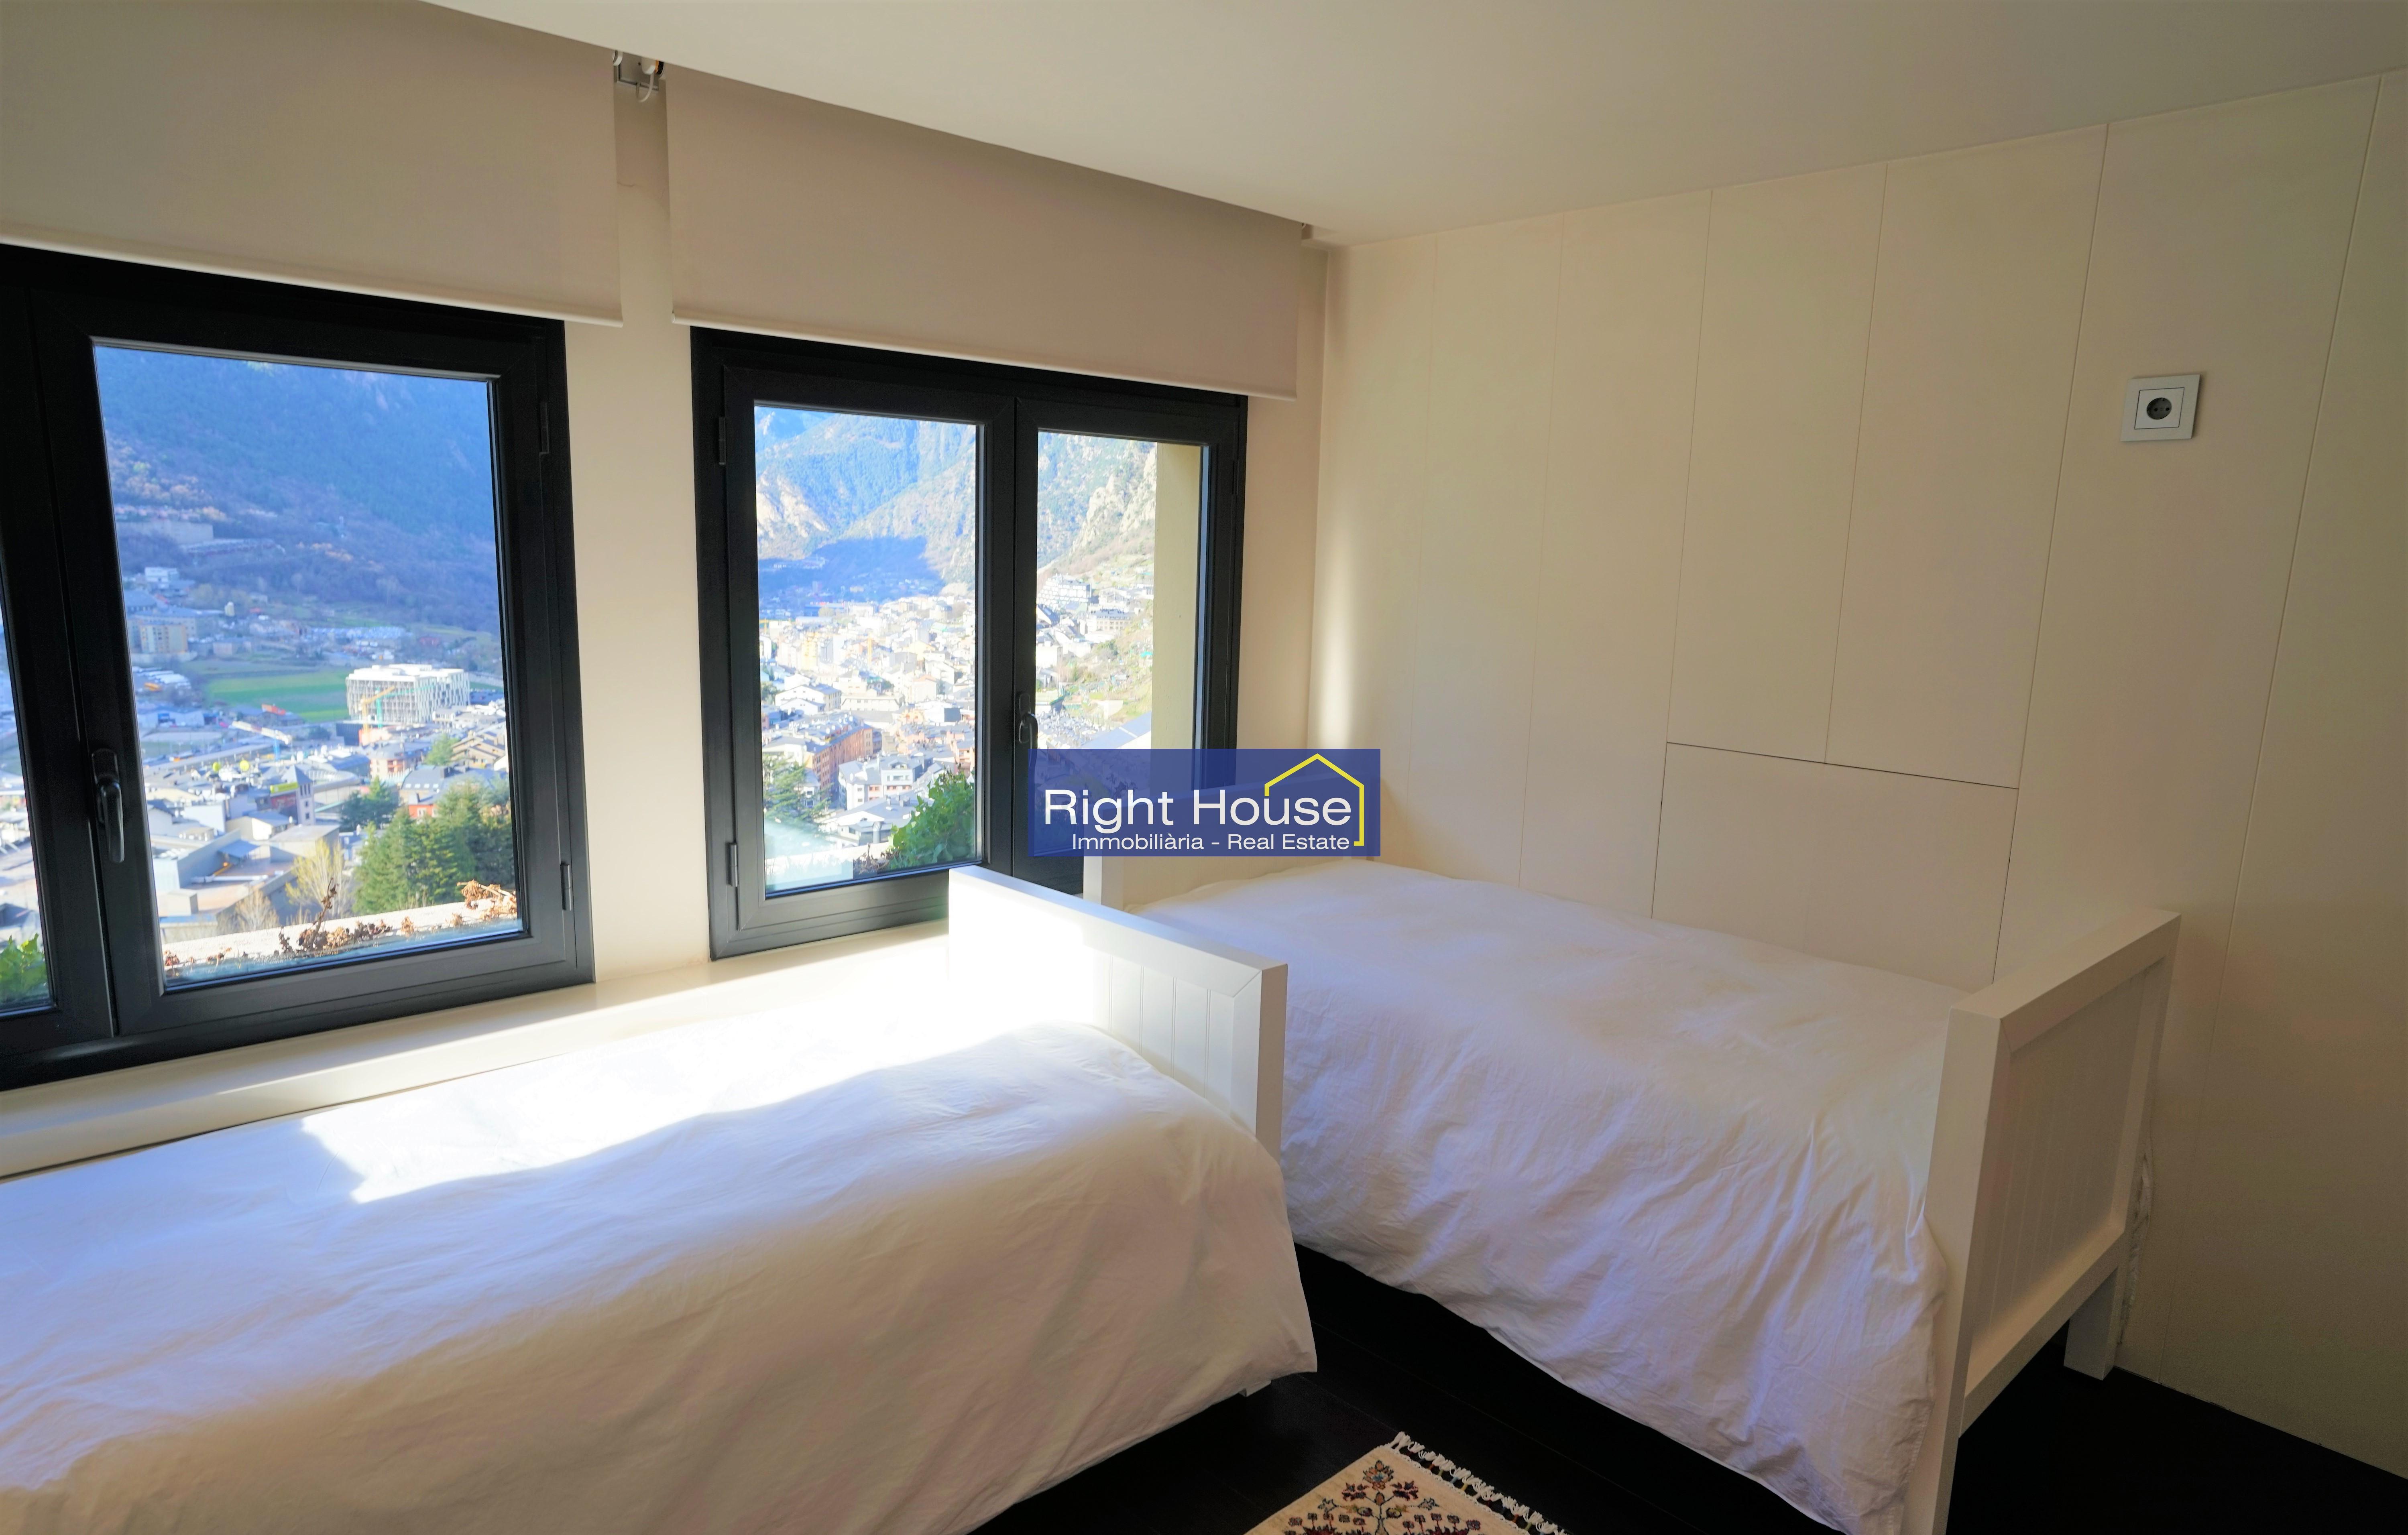 Dúplex de lloguer a Andorra la Vella, 2 habitacions, 180 metres